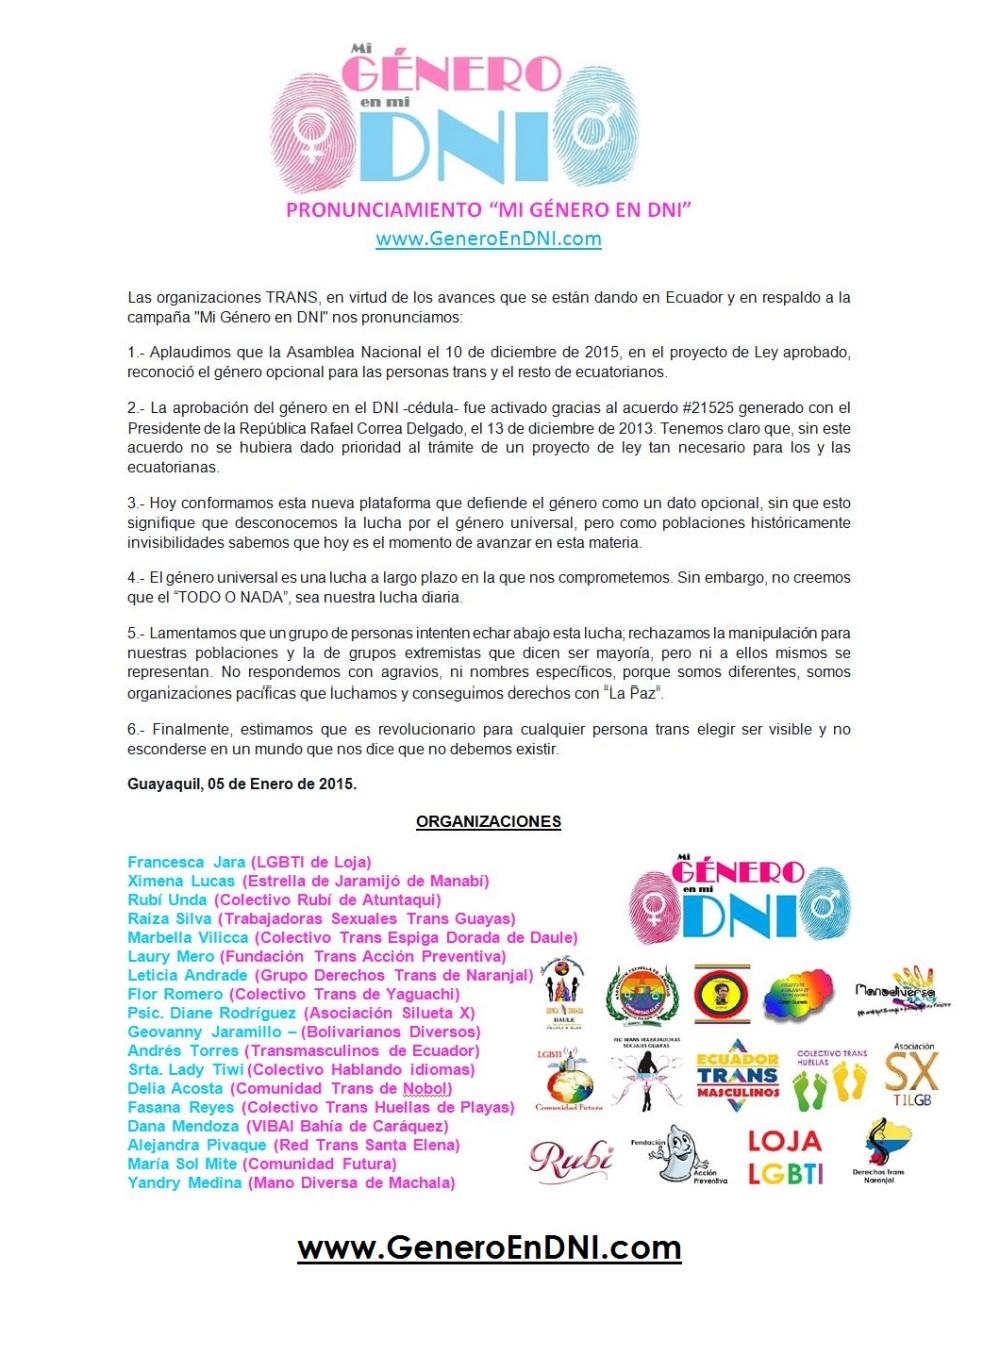 Pronunciamiento de mi genero en mi DNI Ecuador - Apoyo al Género Opcional en documento Nacional de Identidad